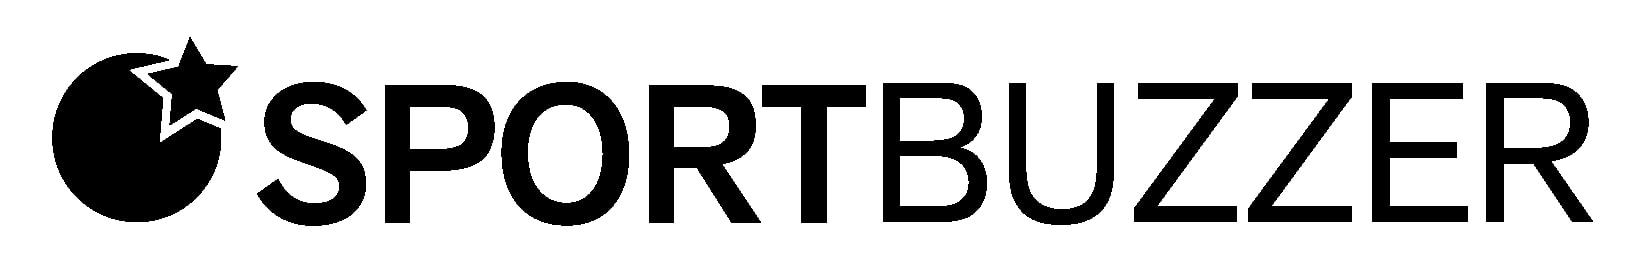 Sportbuzzer-Logo-schwarz